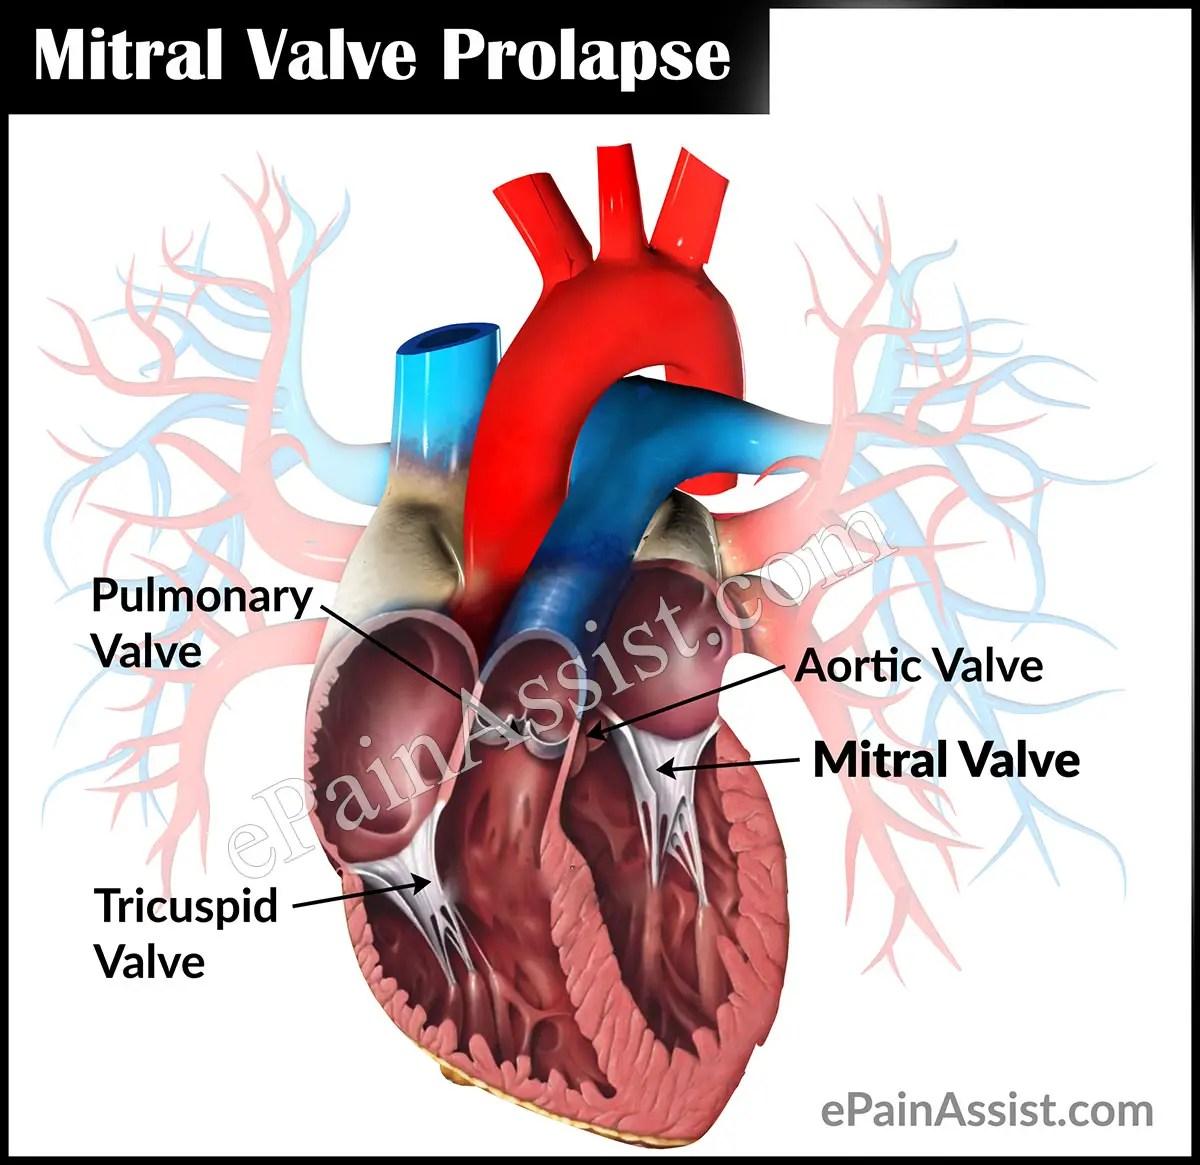 Mitral Valve Prolapse or Floppy Mitral Valve Syndrome